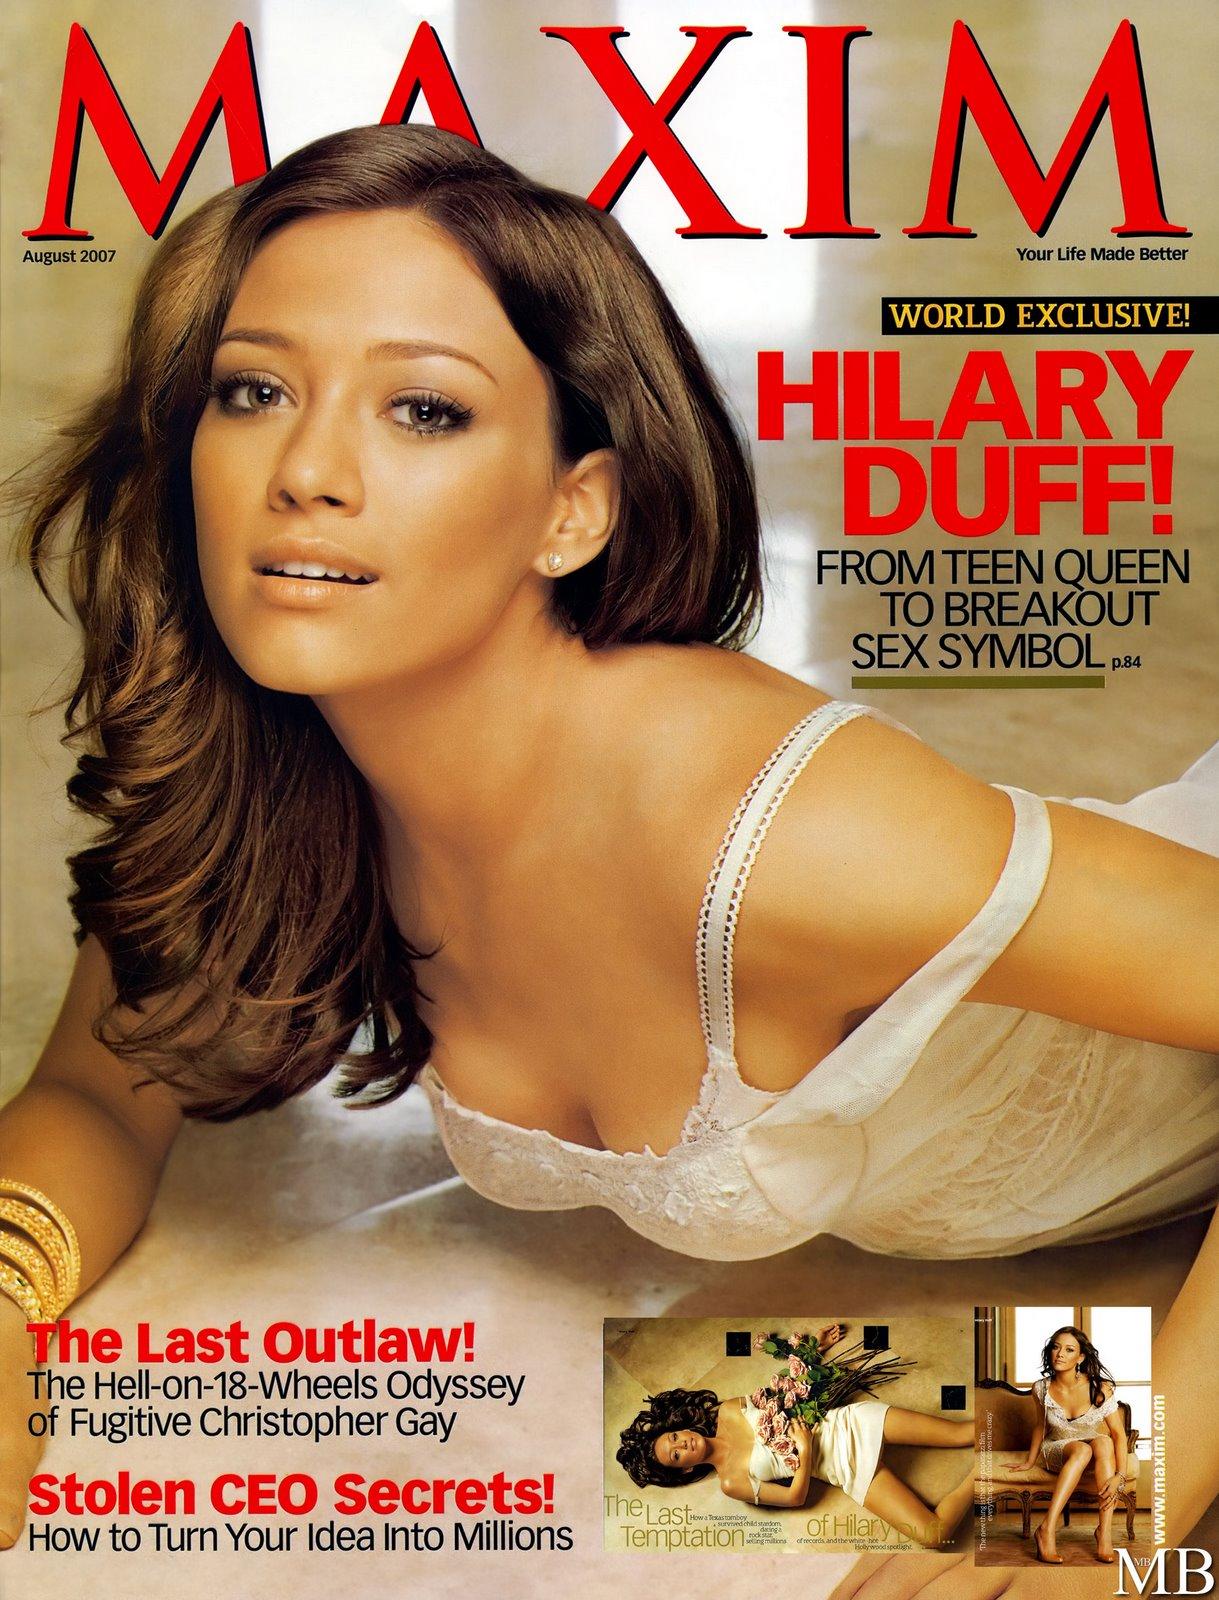 http://4.bp.blogspot.com/_2EELcVJN5AM/RqUZibsLTRI/AAAAAAAAA5E/HeCELCUuVKc/s1600/Hillary+Duff+%281%29.jpg